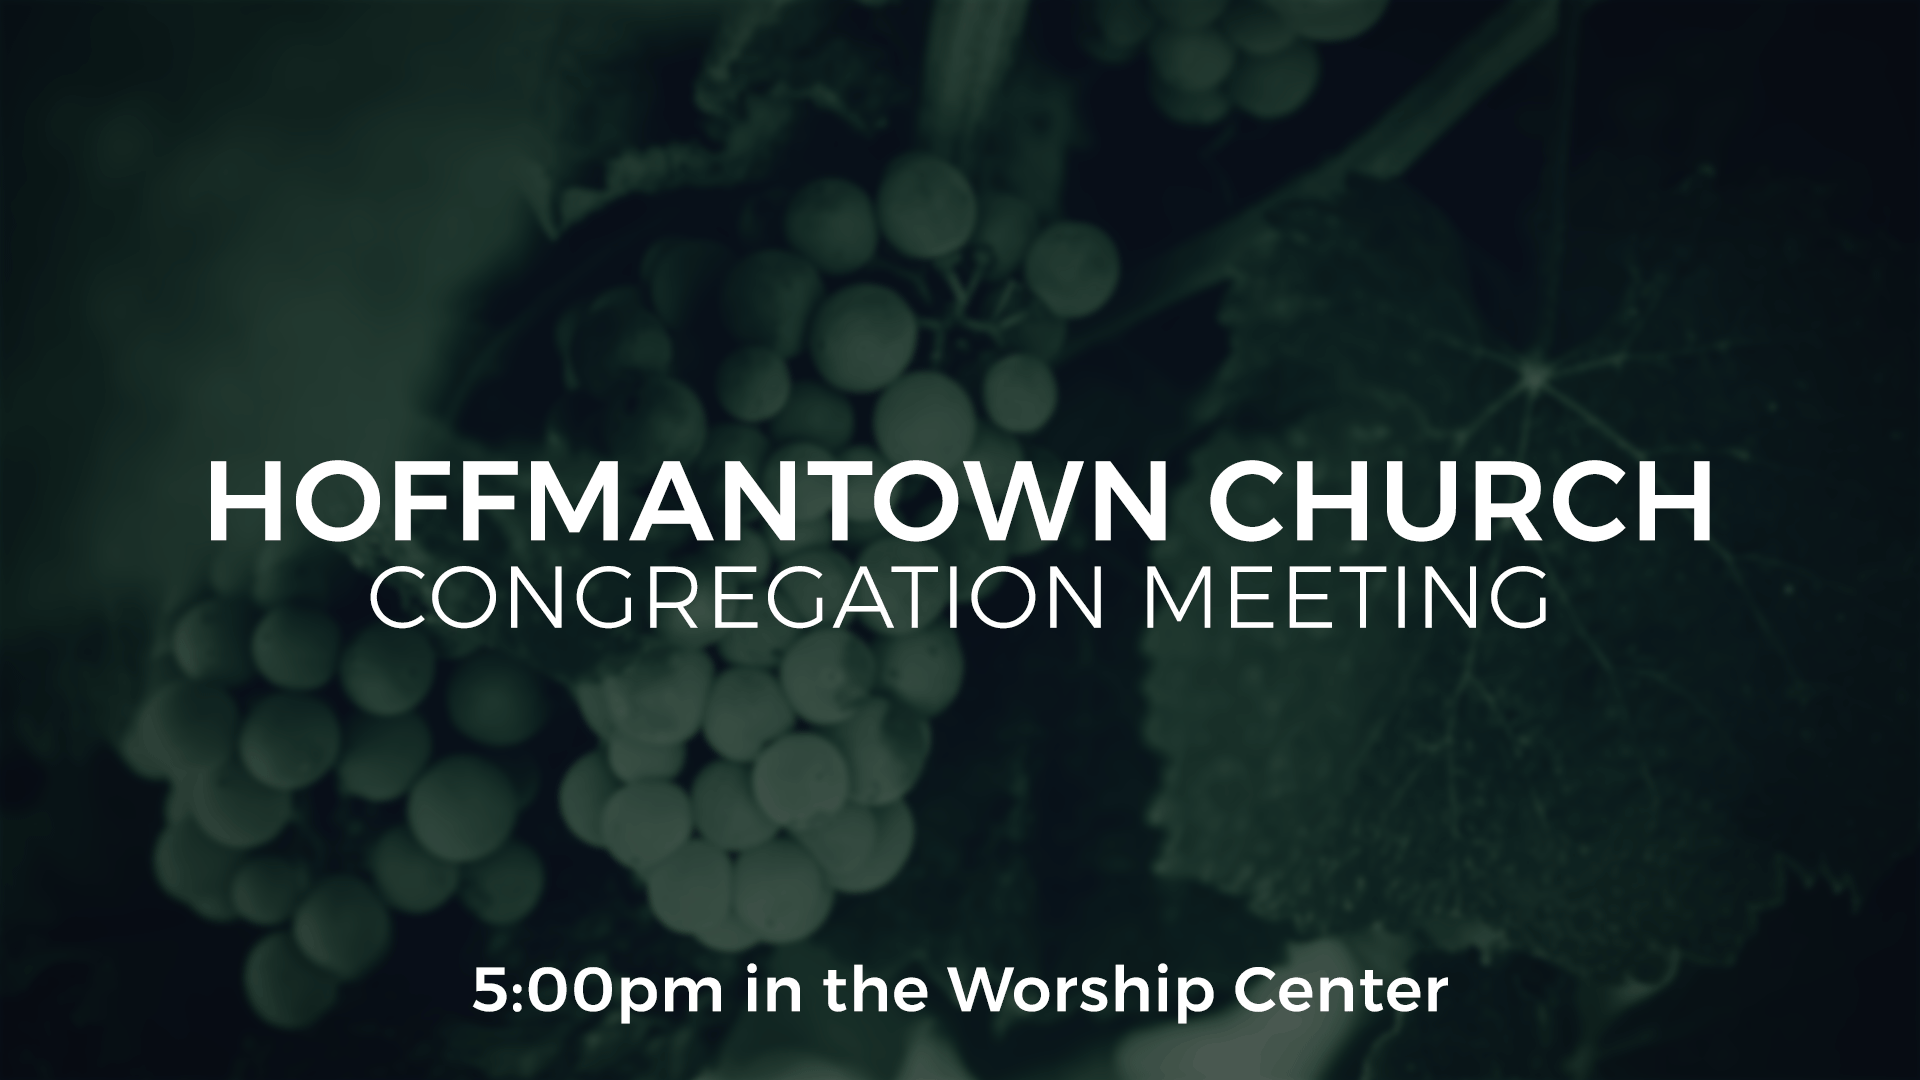 congregationmeeting-5pm